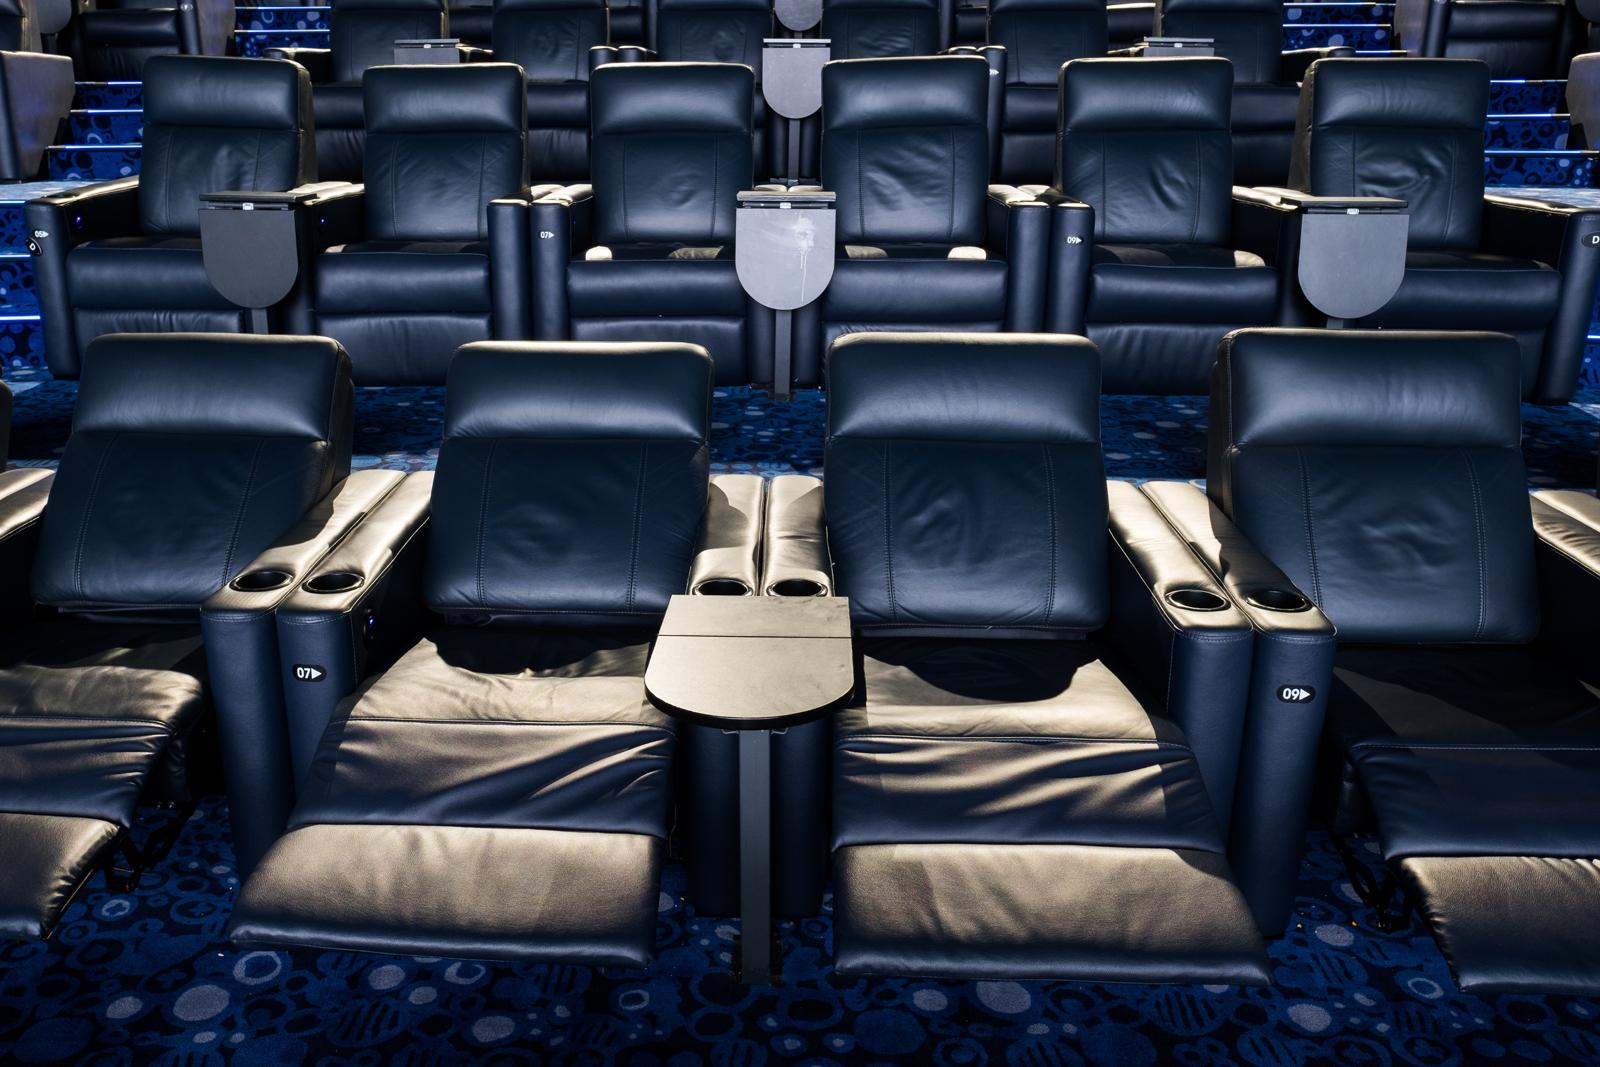 Recliner Seats Cinema - Architecture Home Decor